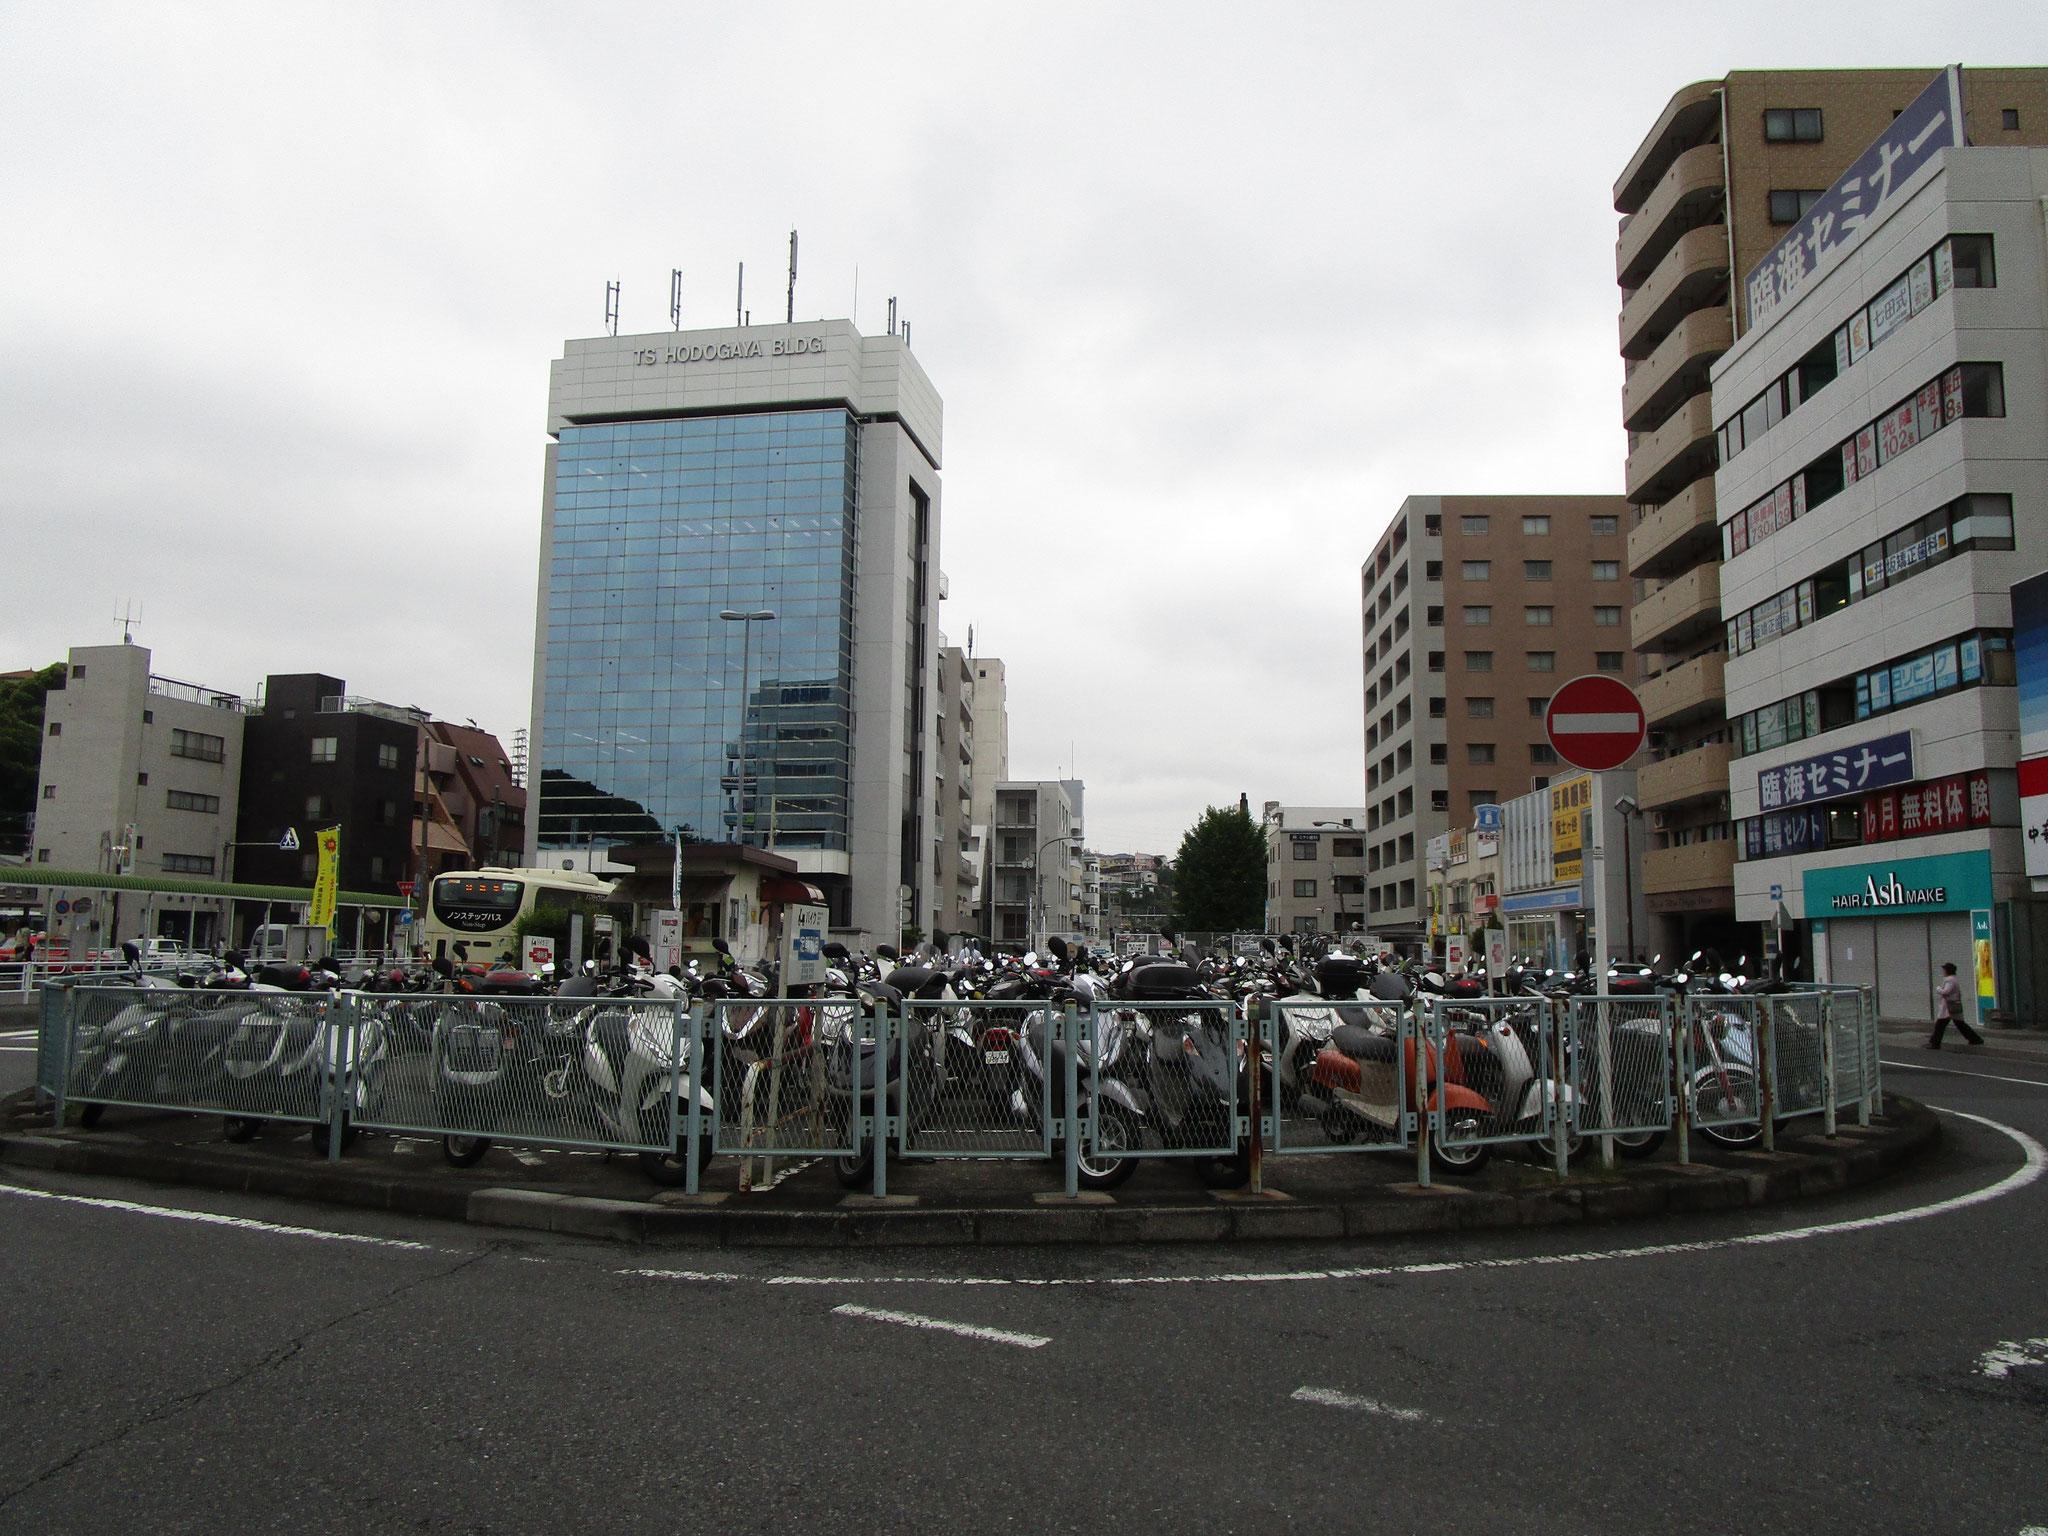 ロータリーの中心には駐輪場・バイク置場(125㏄以下)あり